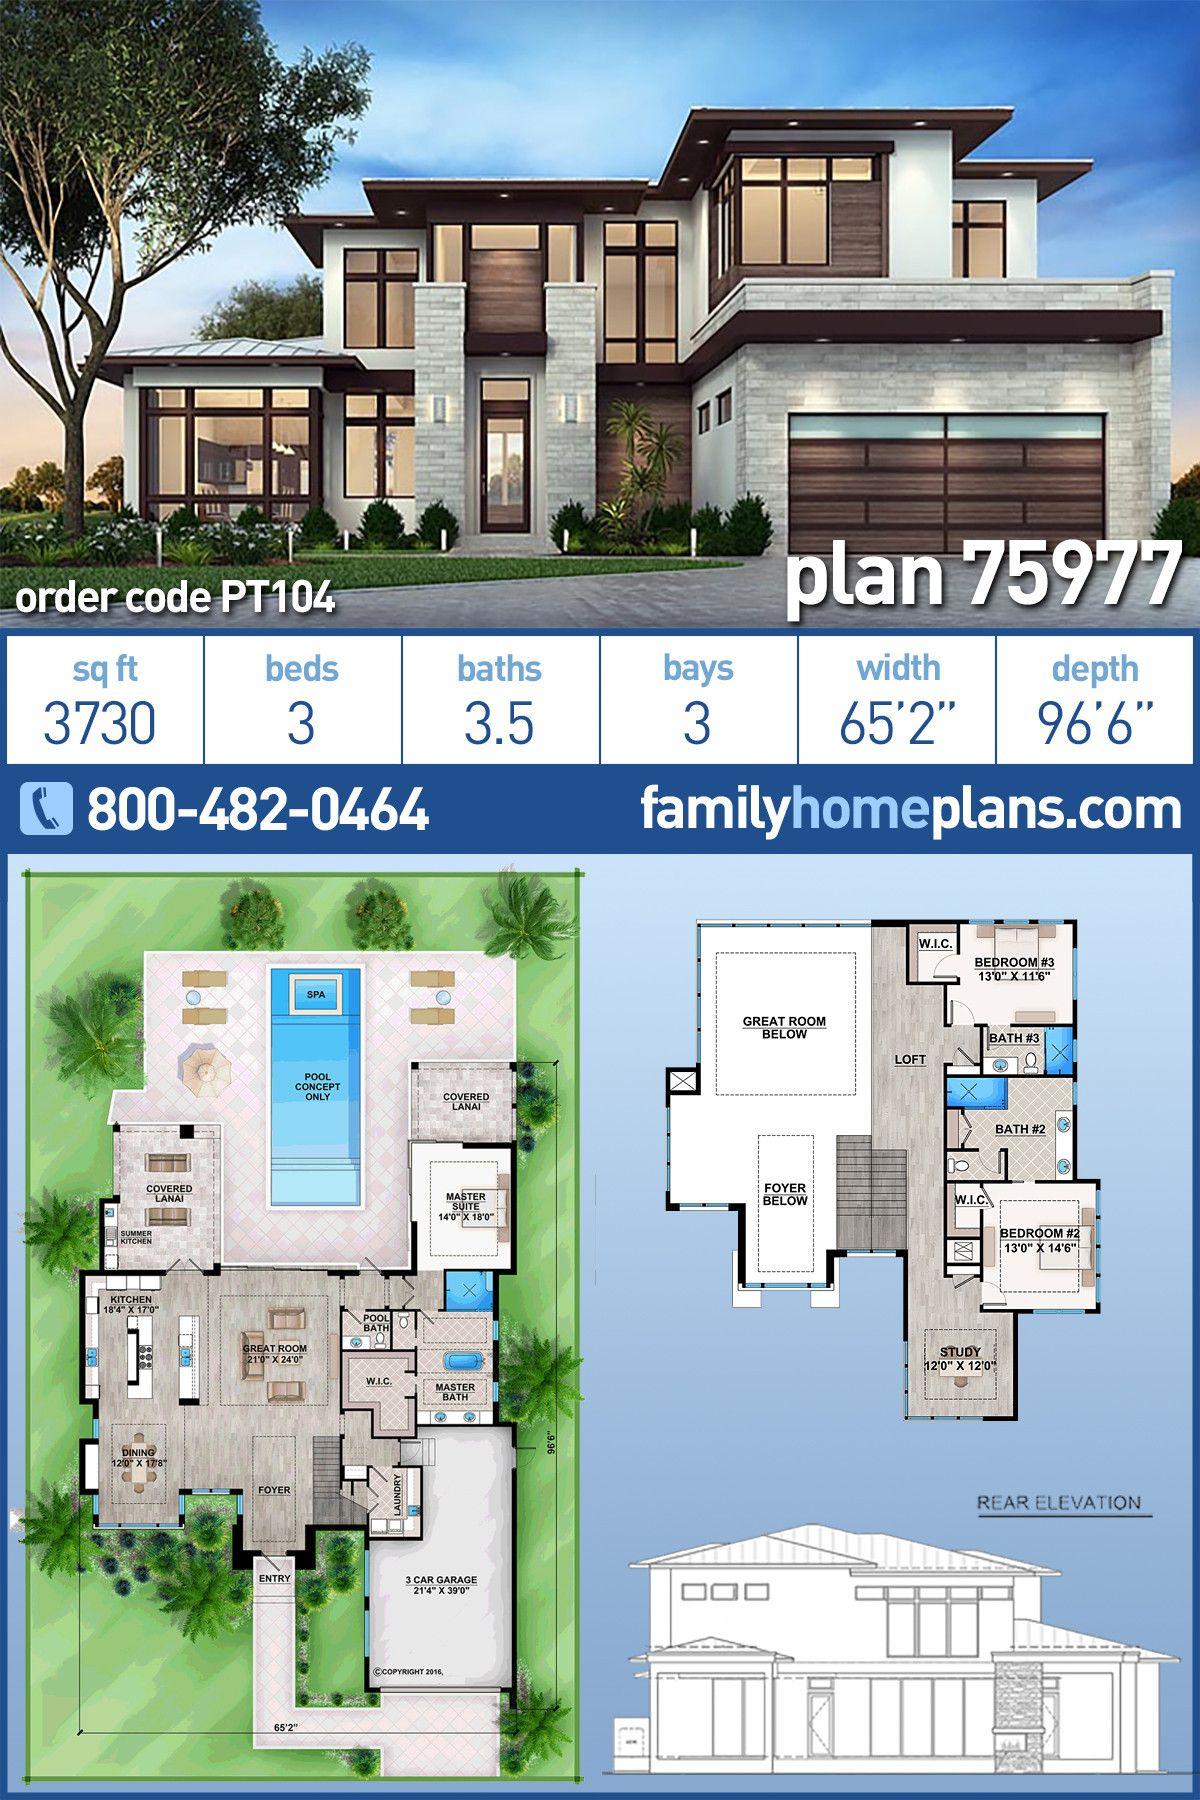 Modern Home Plans Free 2021 House Blueprints Denah Lantai Rumah Desain Eksterior Rumah